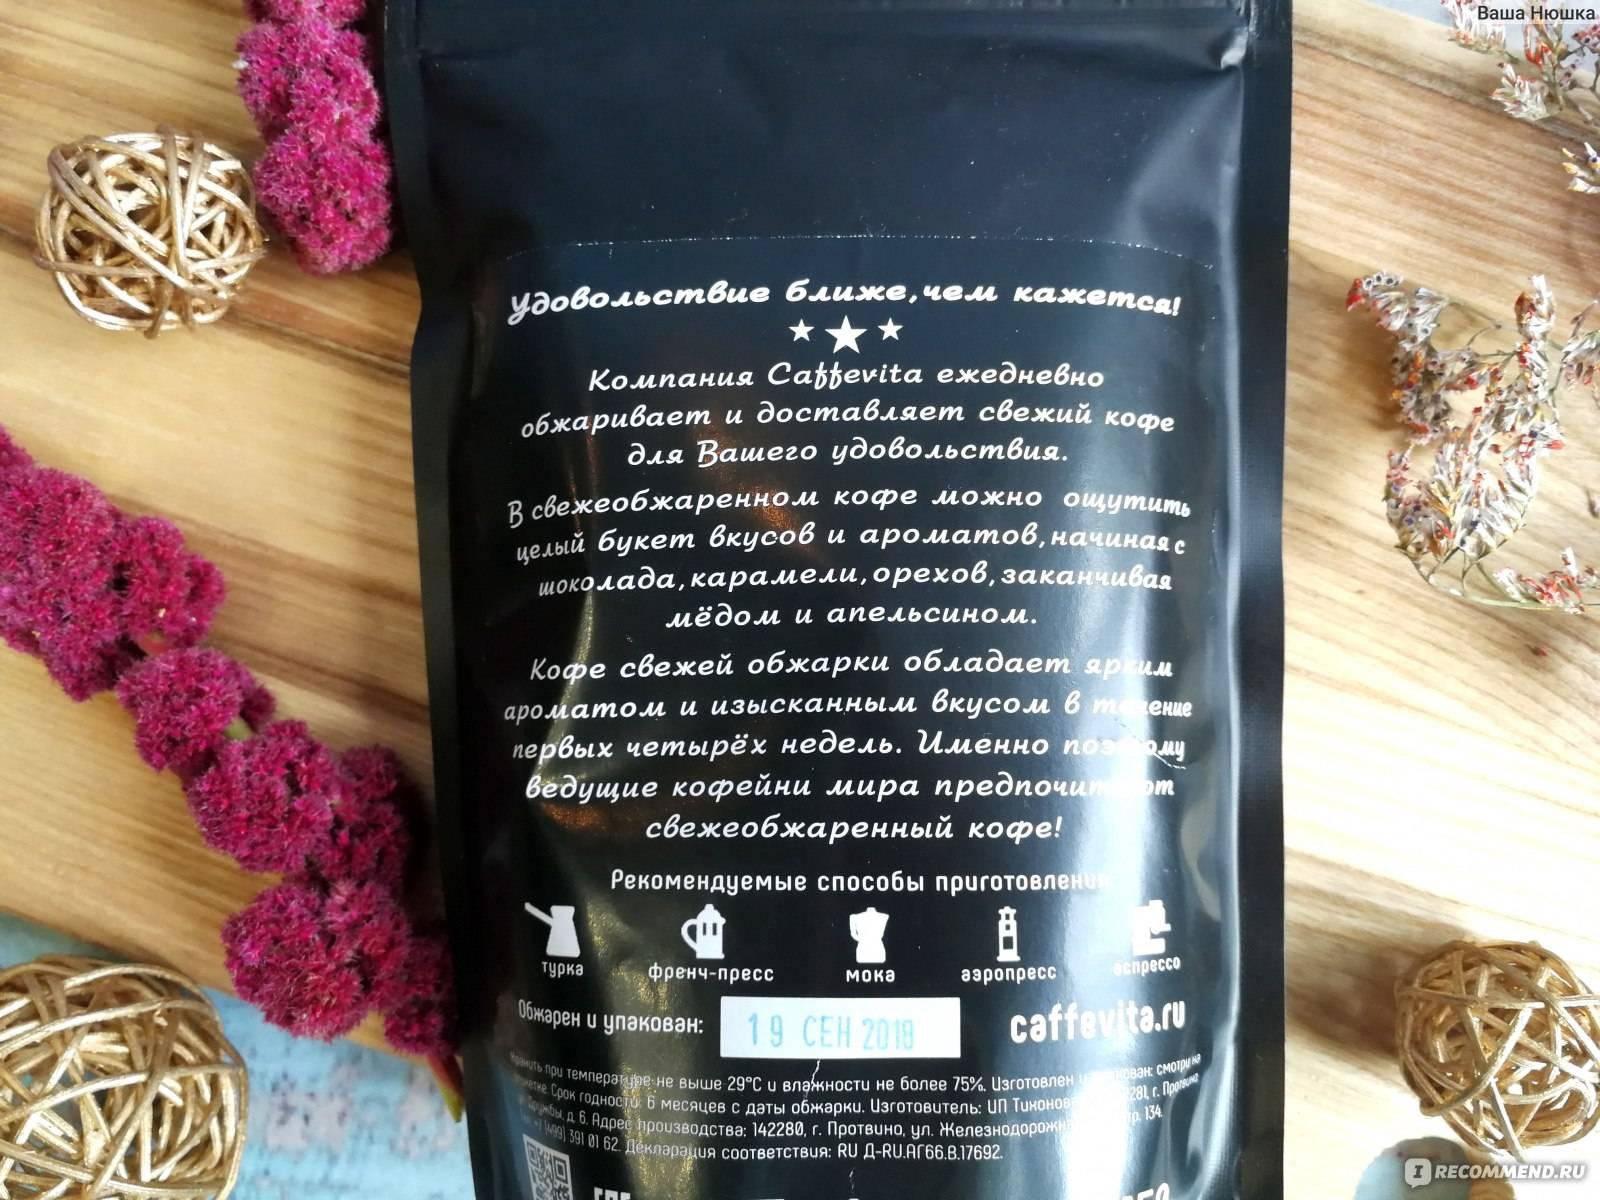 Топ 5 интернет-магазинов свежеобжаренного кофе